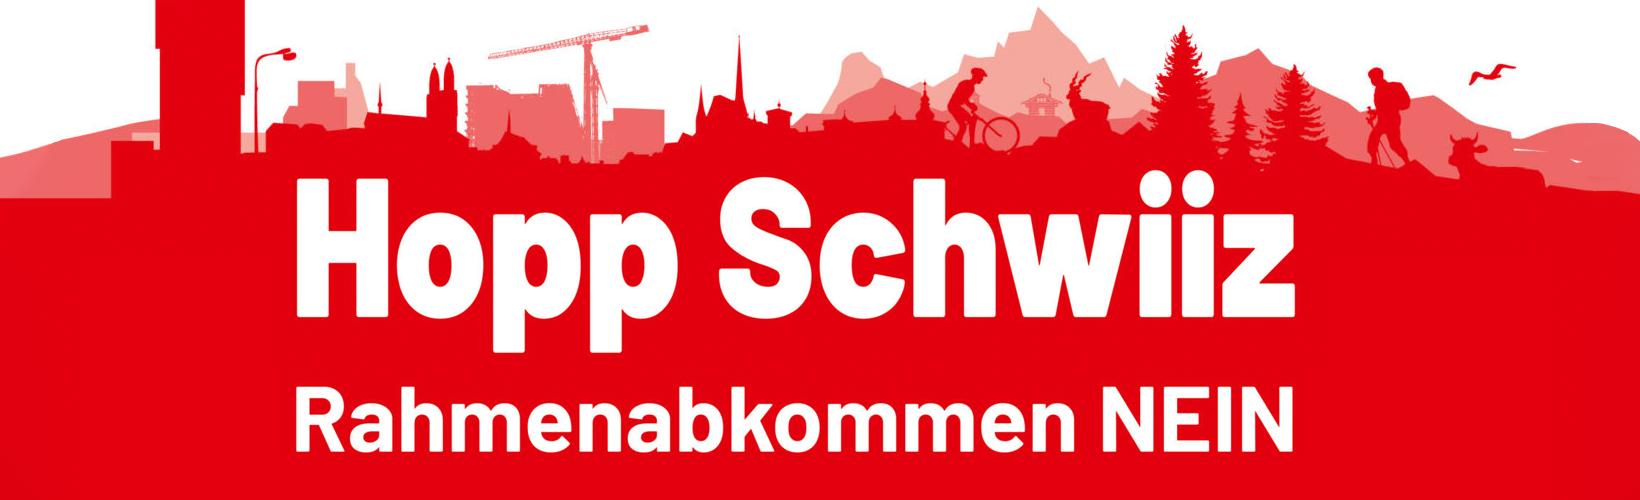 lukas_reimann_headerbild_rahmenabkommen